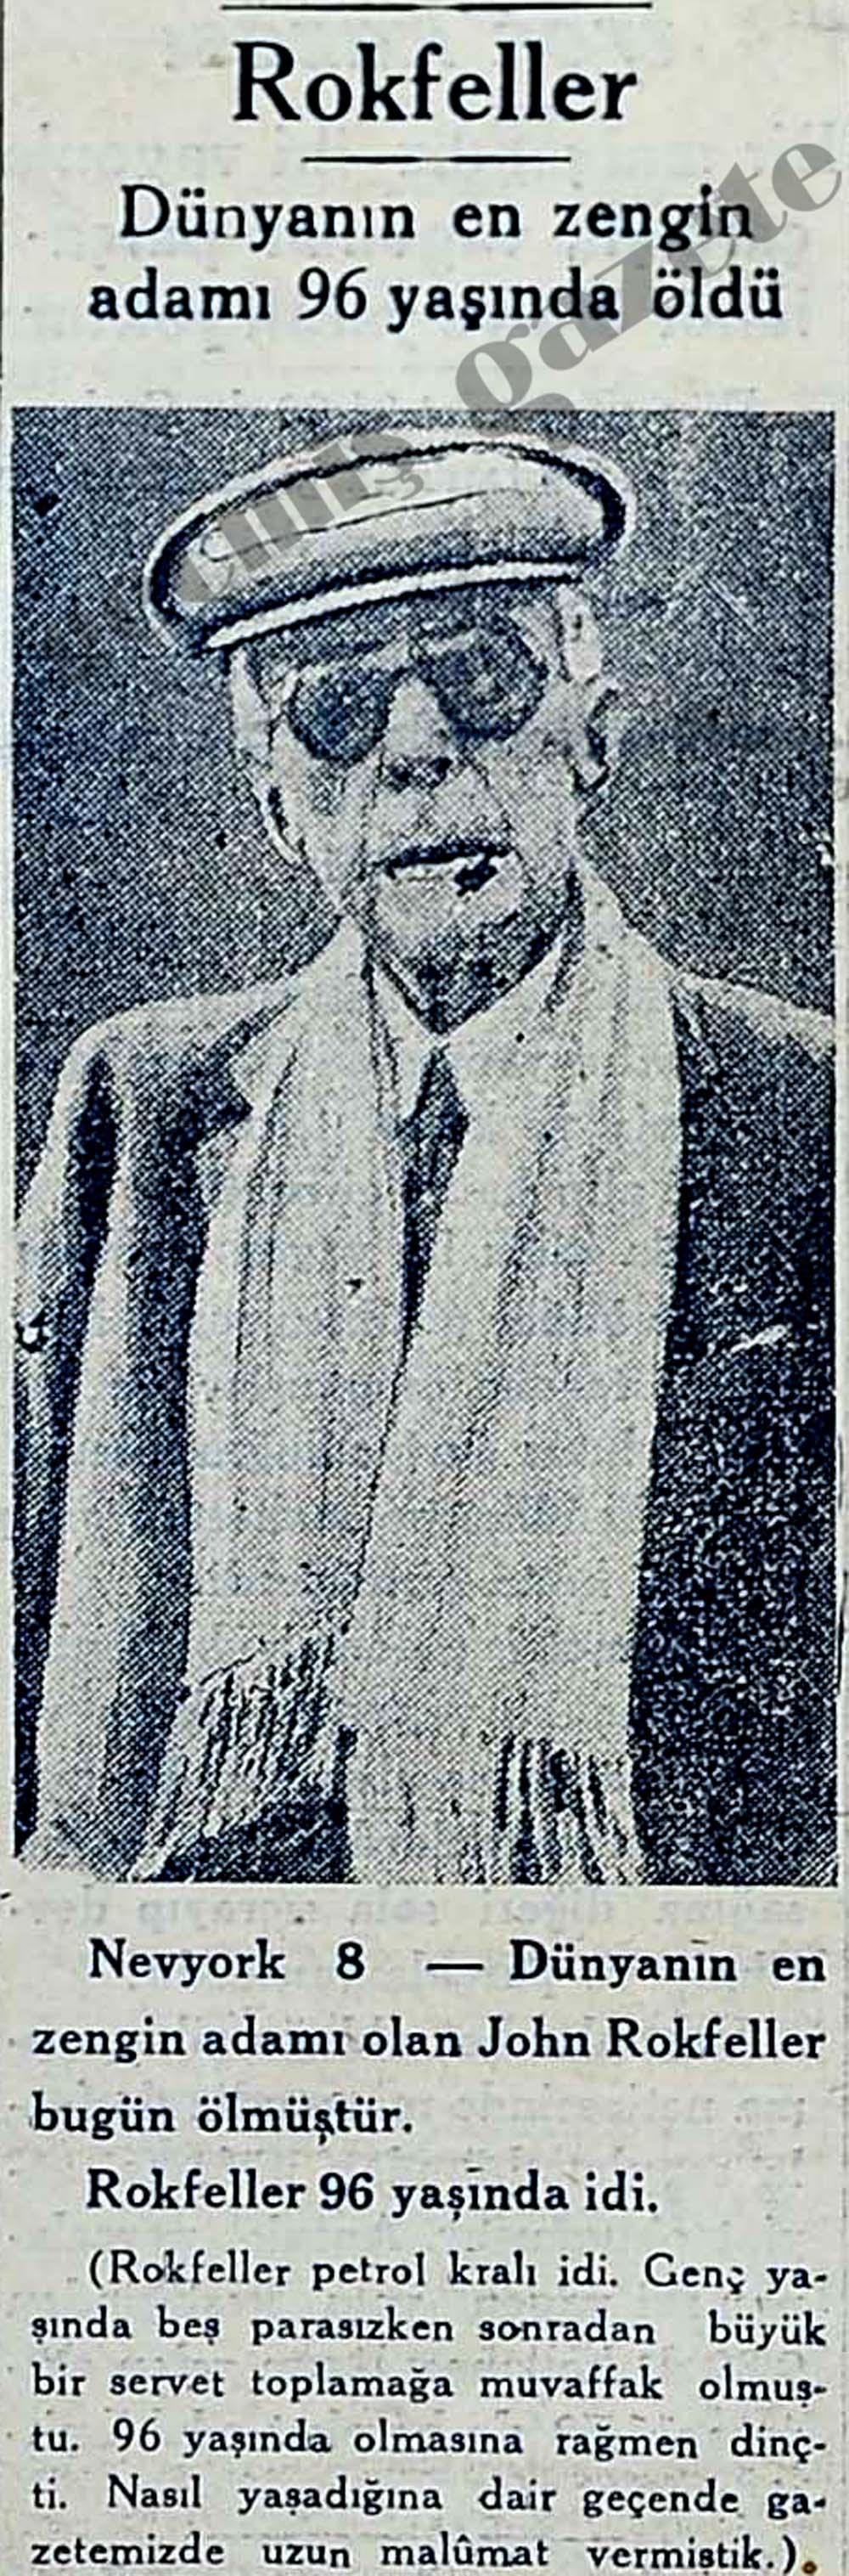 Dünyanın en zengin adamı Rokfeller 96 yaşında öldü